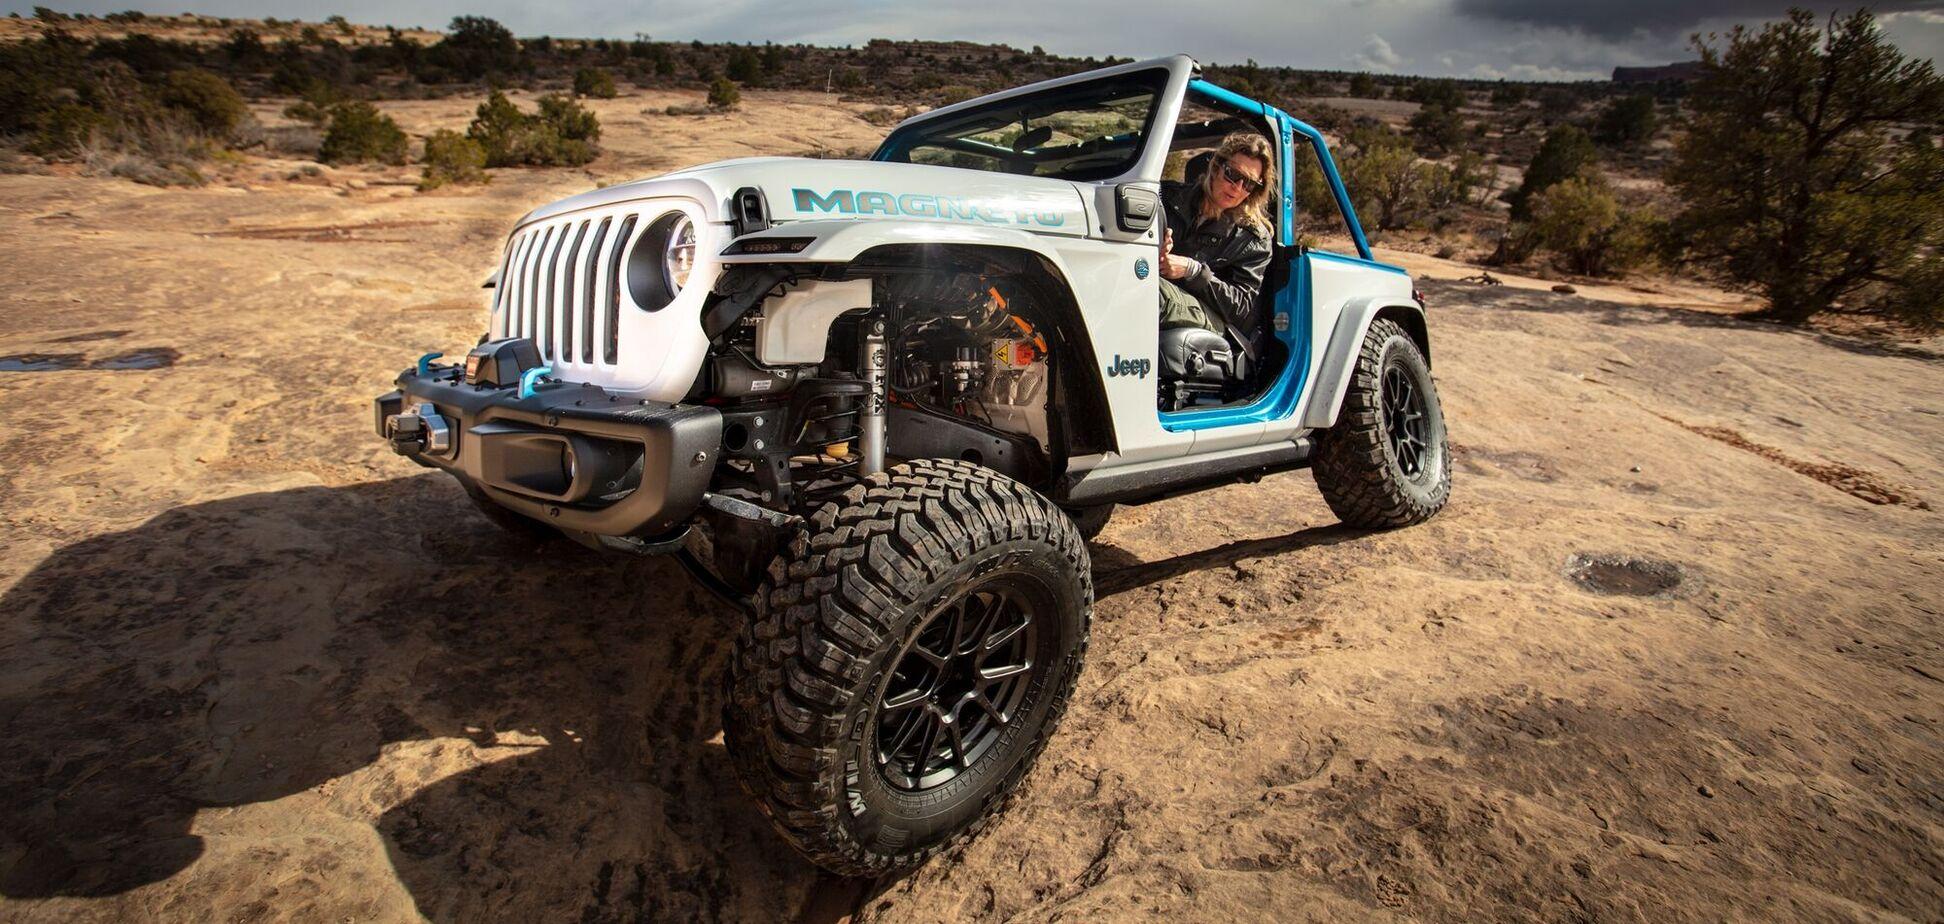 Первый электрический Jeep представят в 2023 году